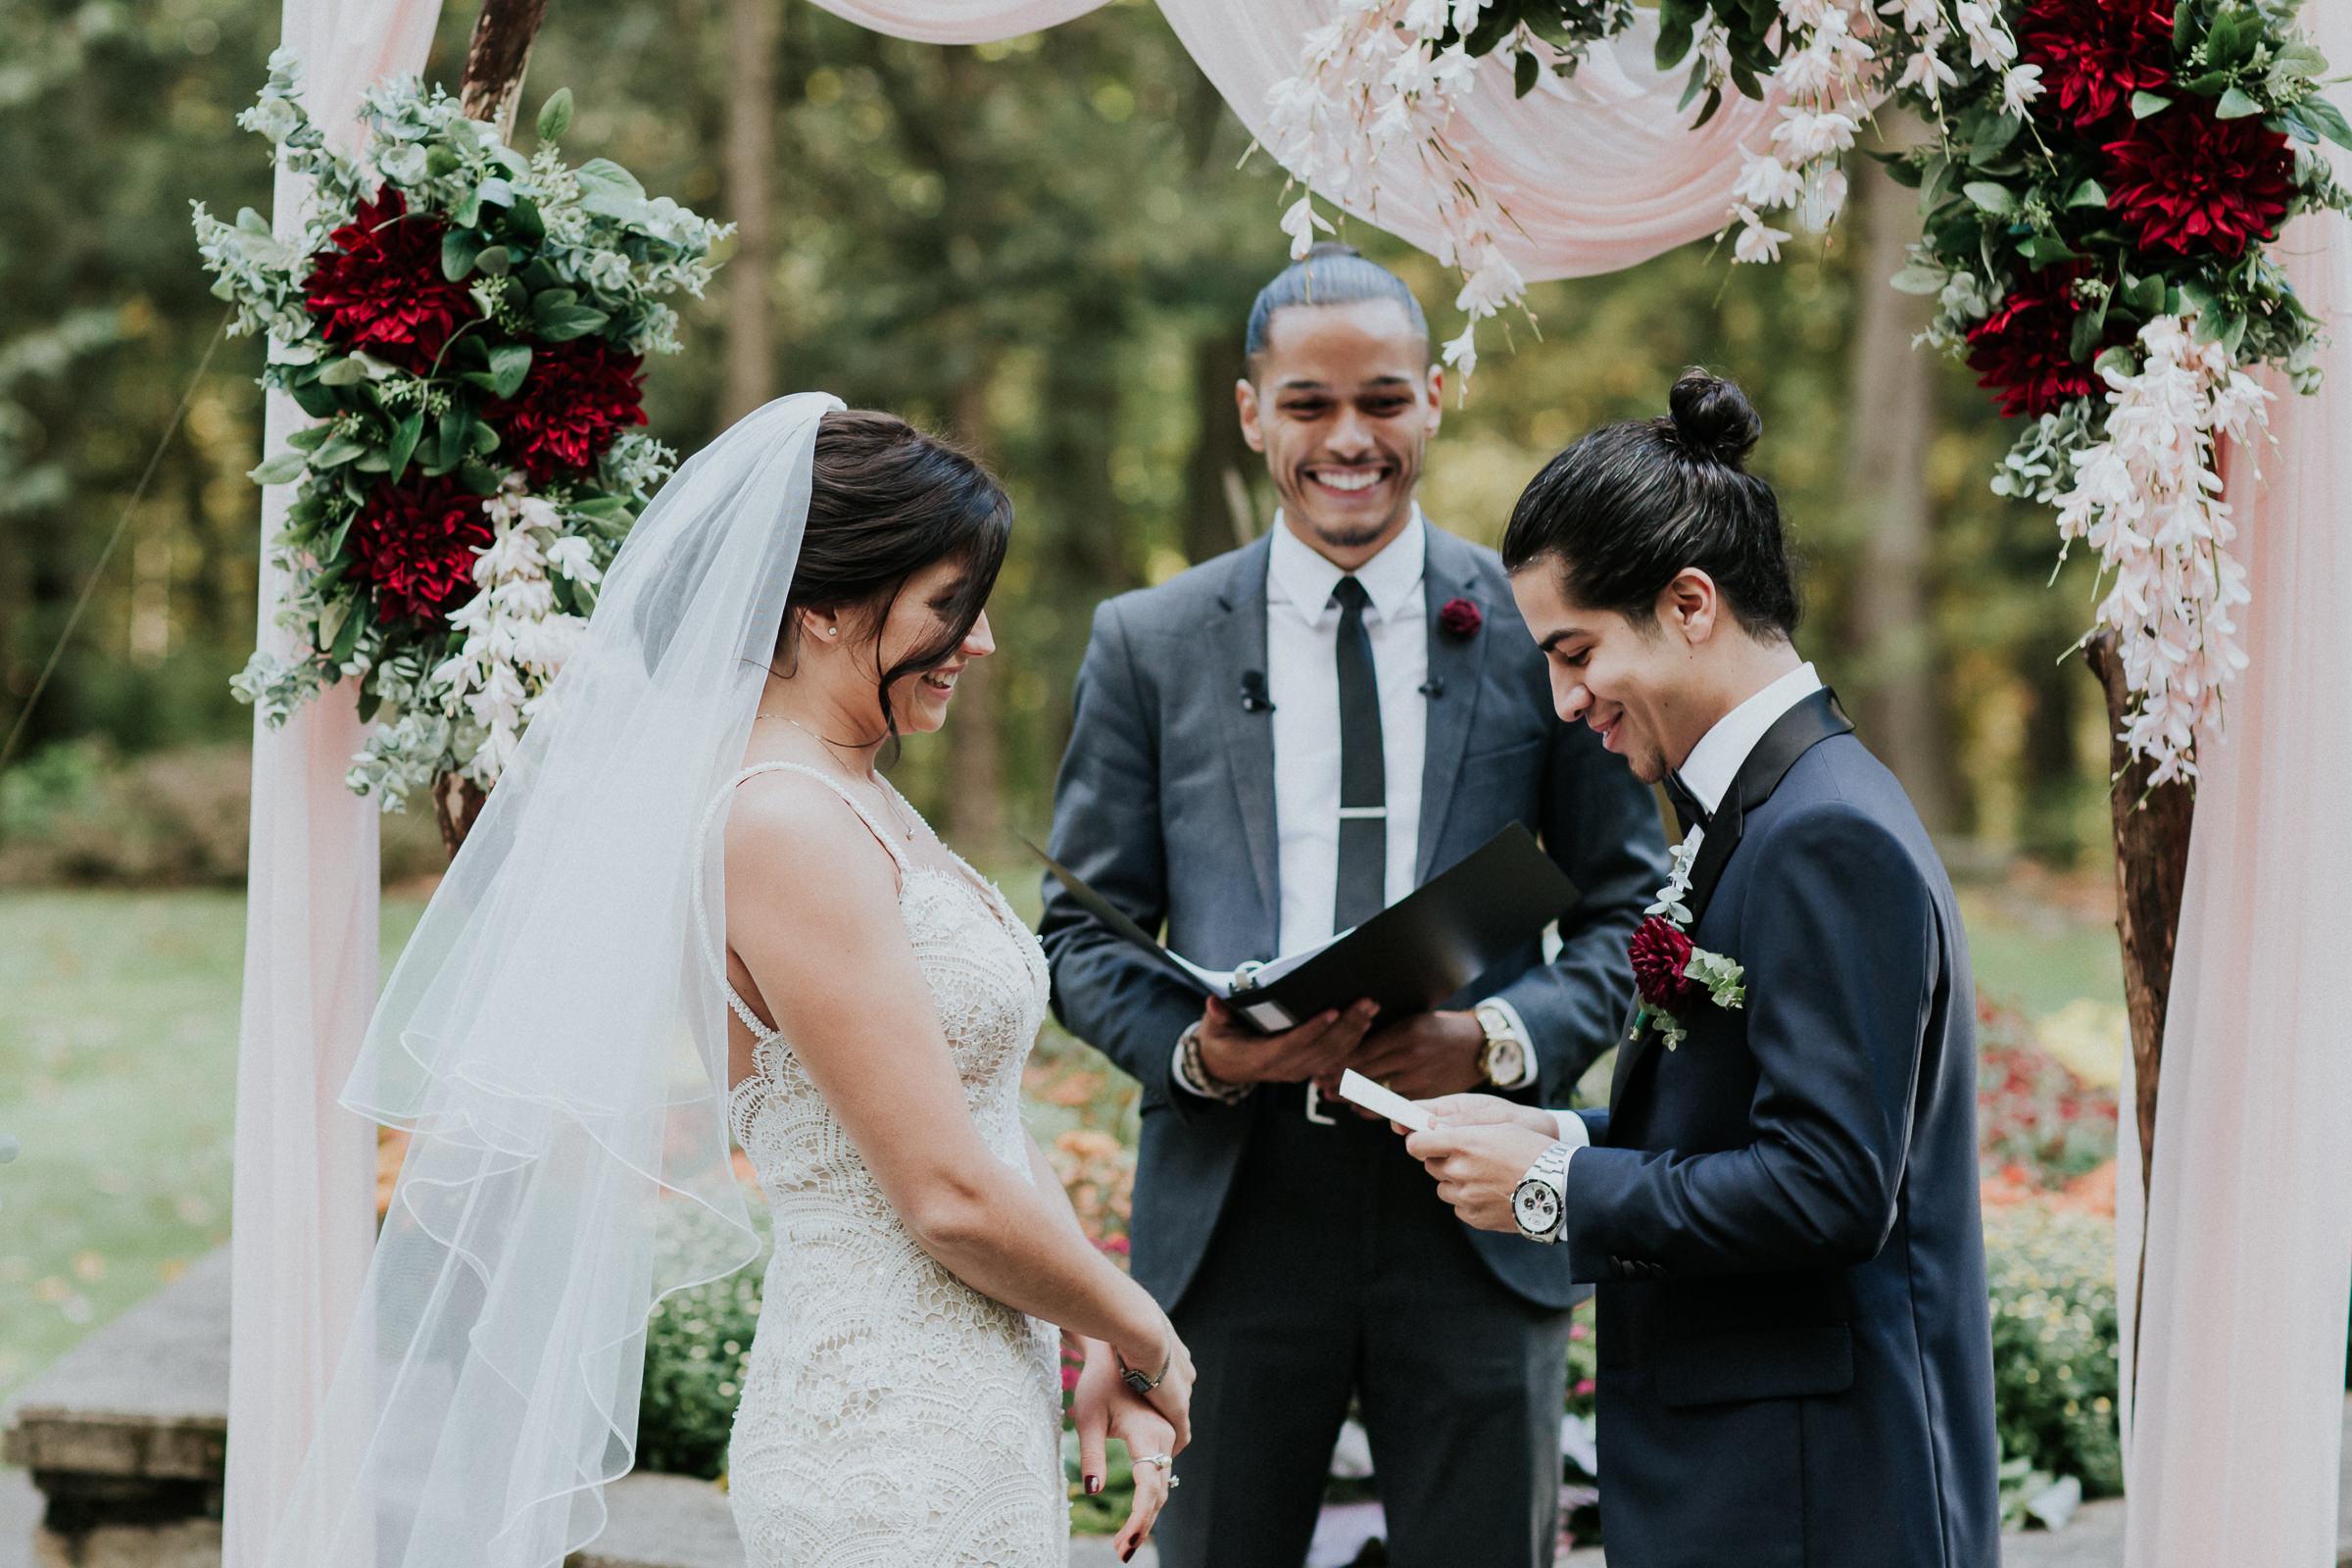 Arrow-Park-Monroe-NY-Documentary-Wedding-Photographer-52.jpg